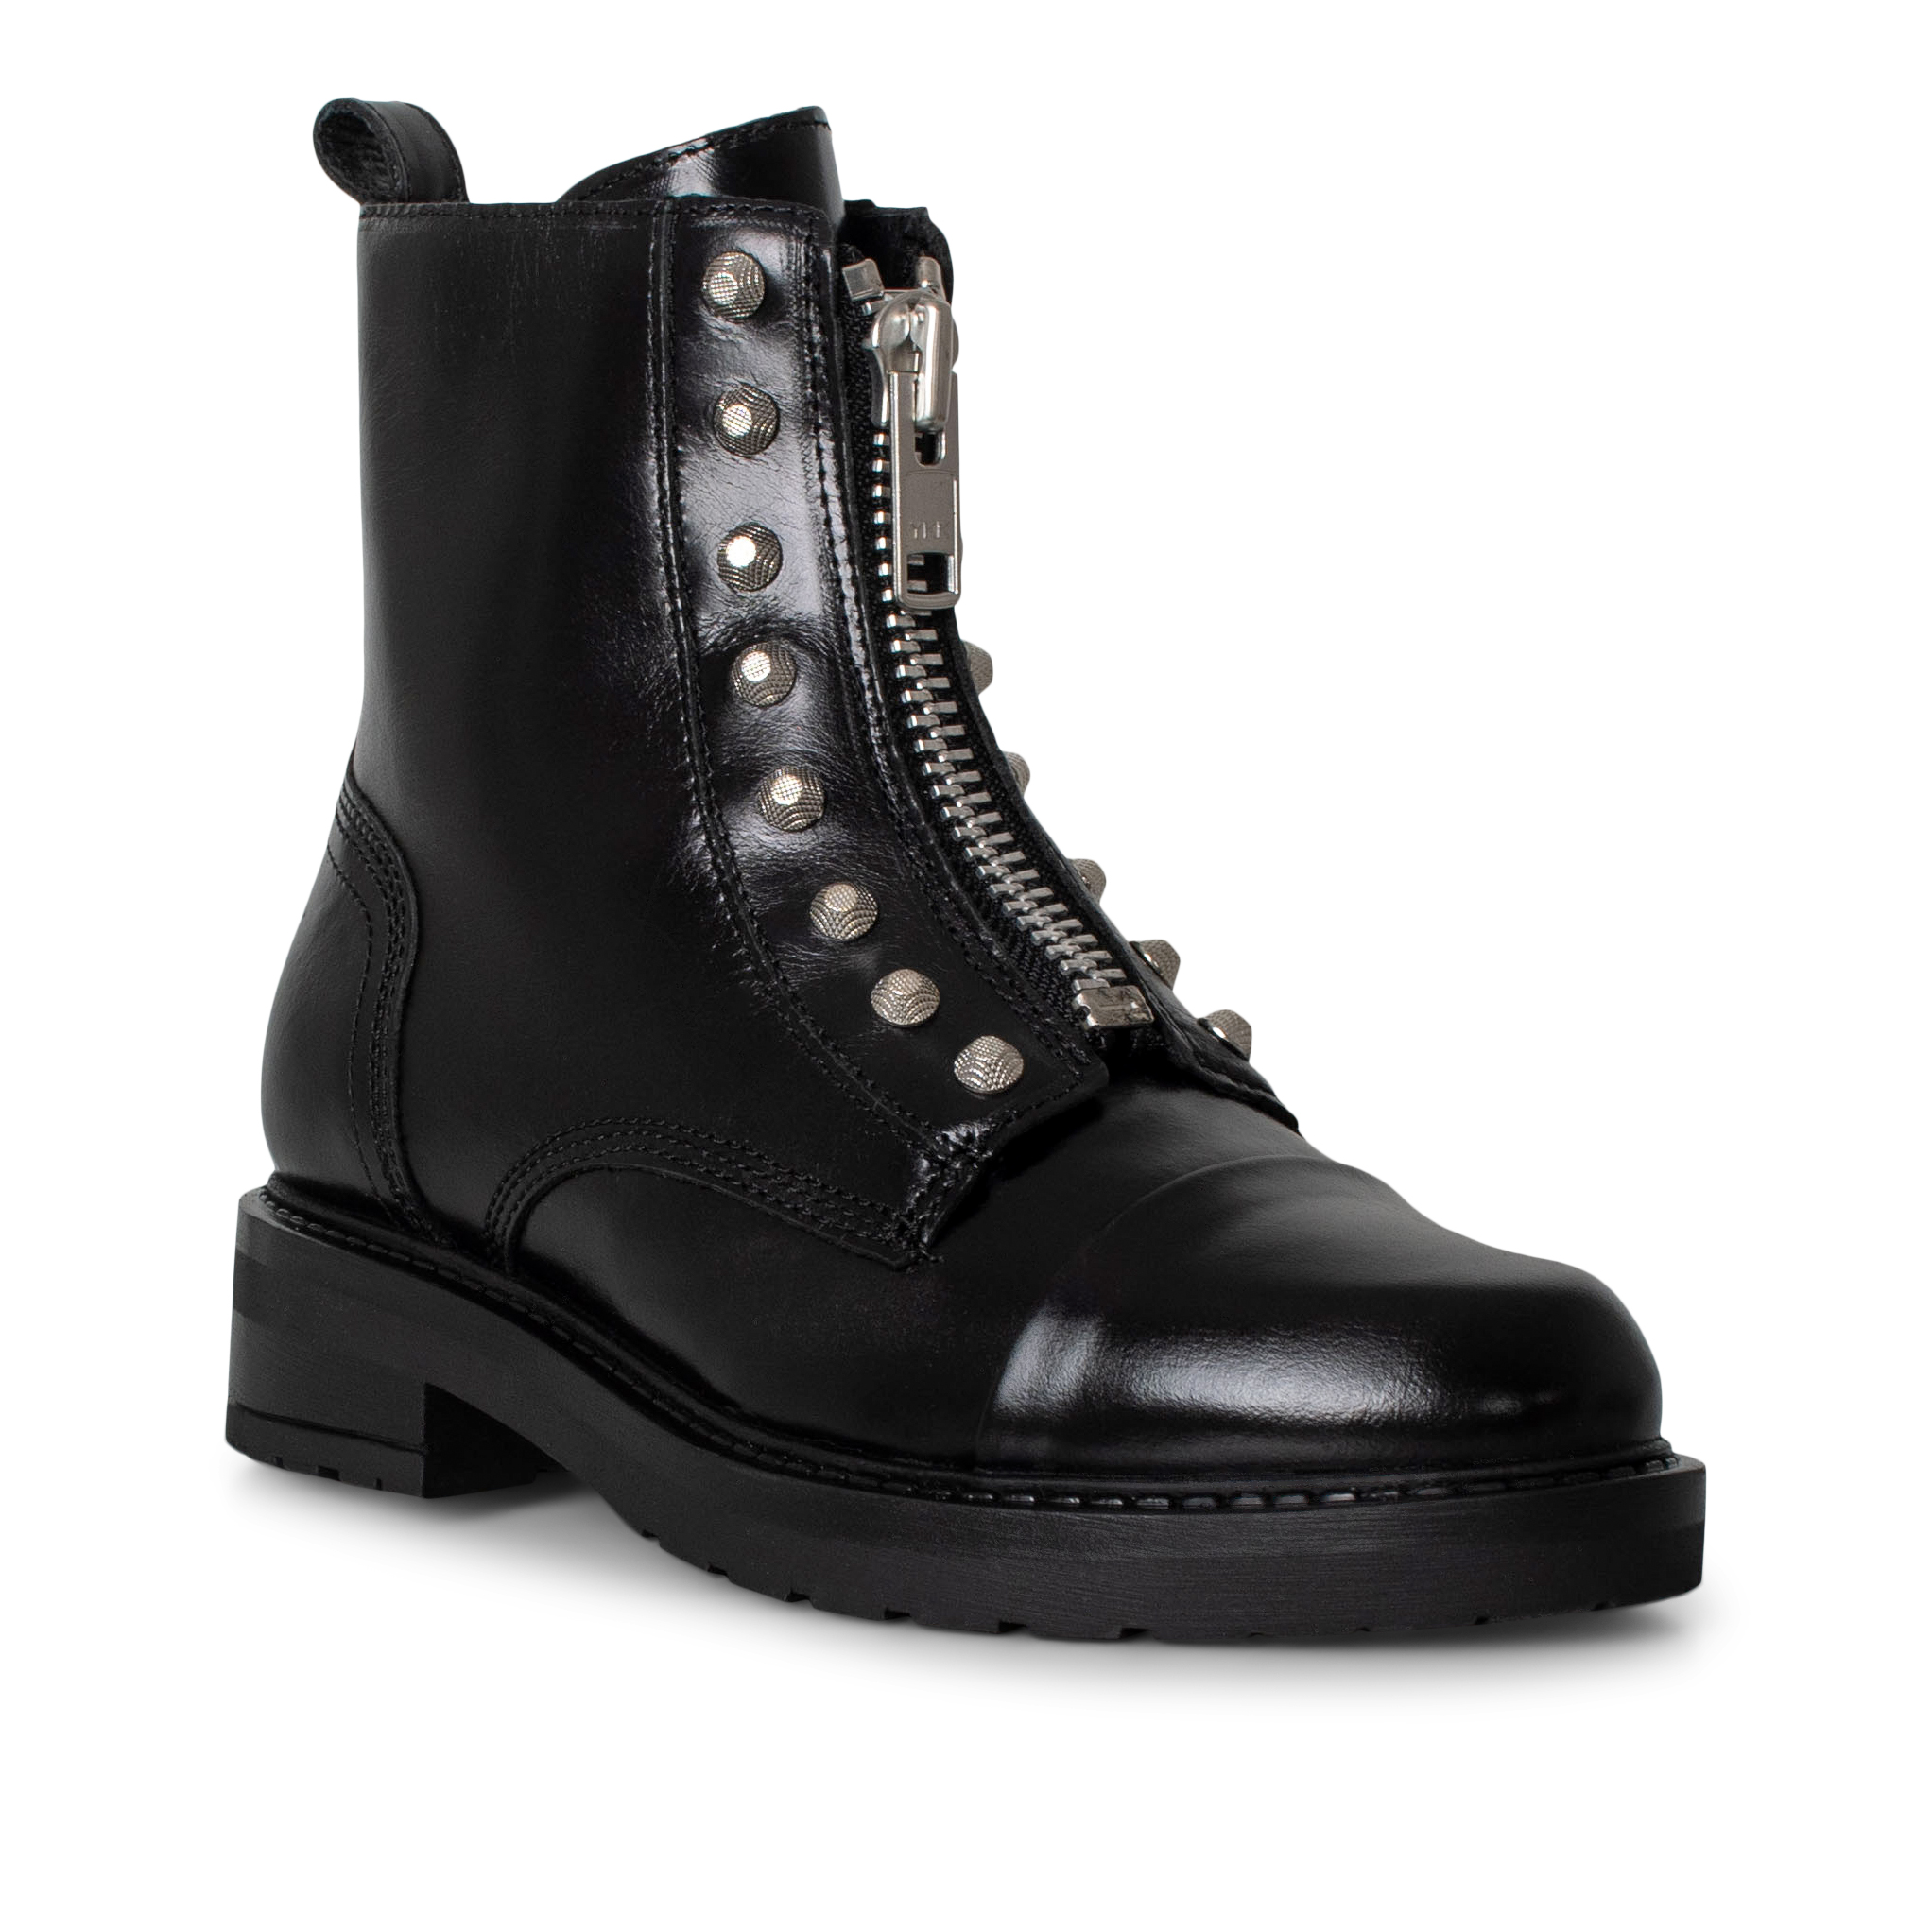 Pavement Valentina støvle